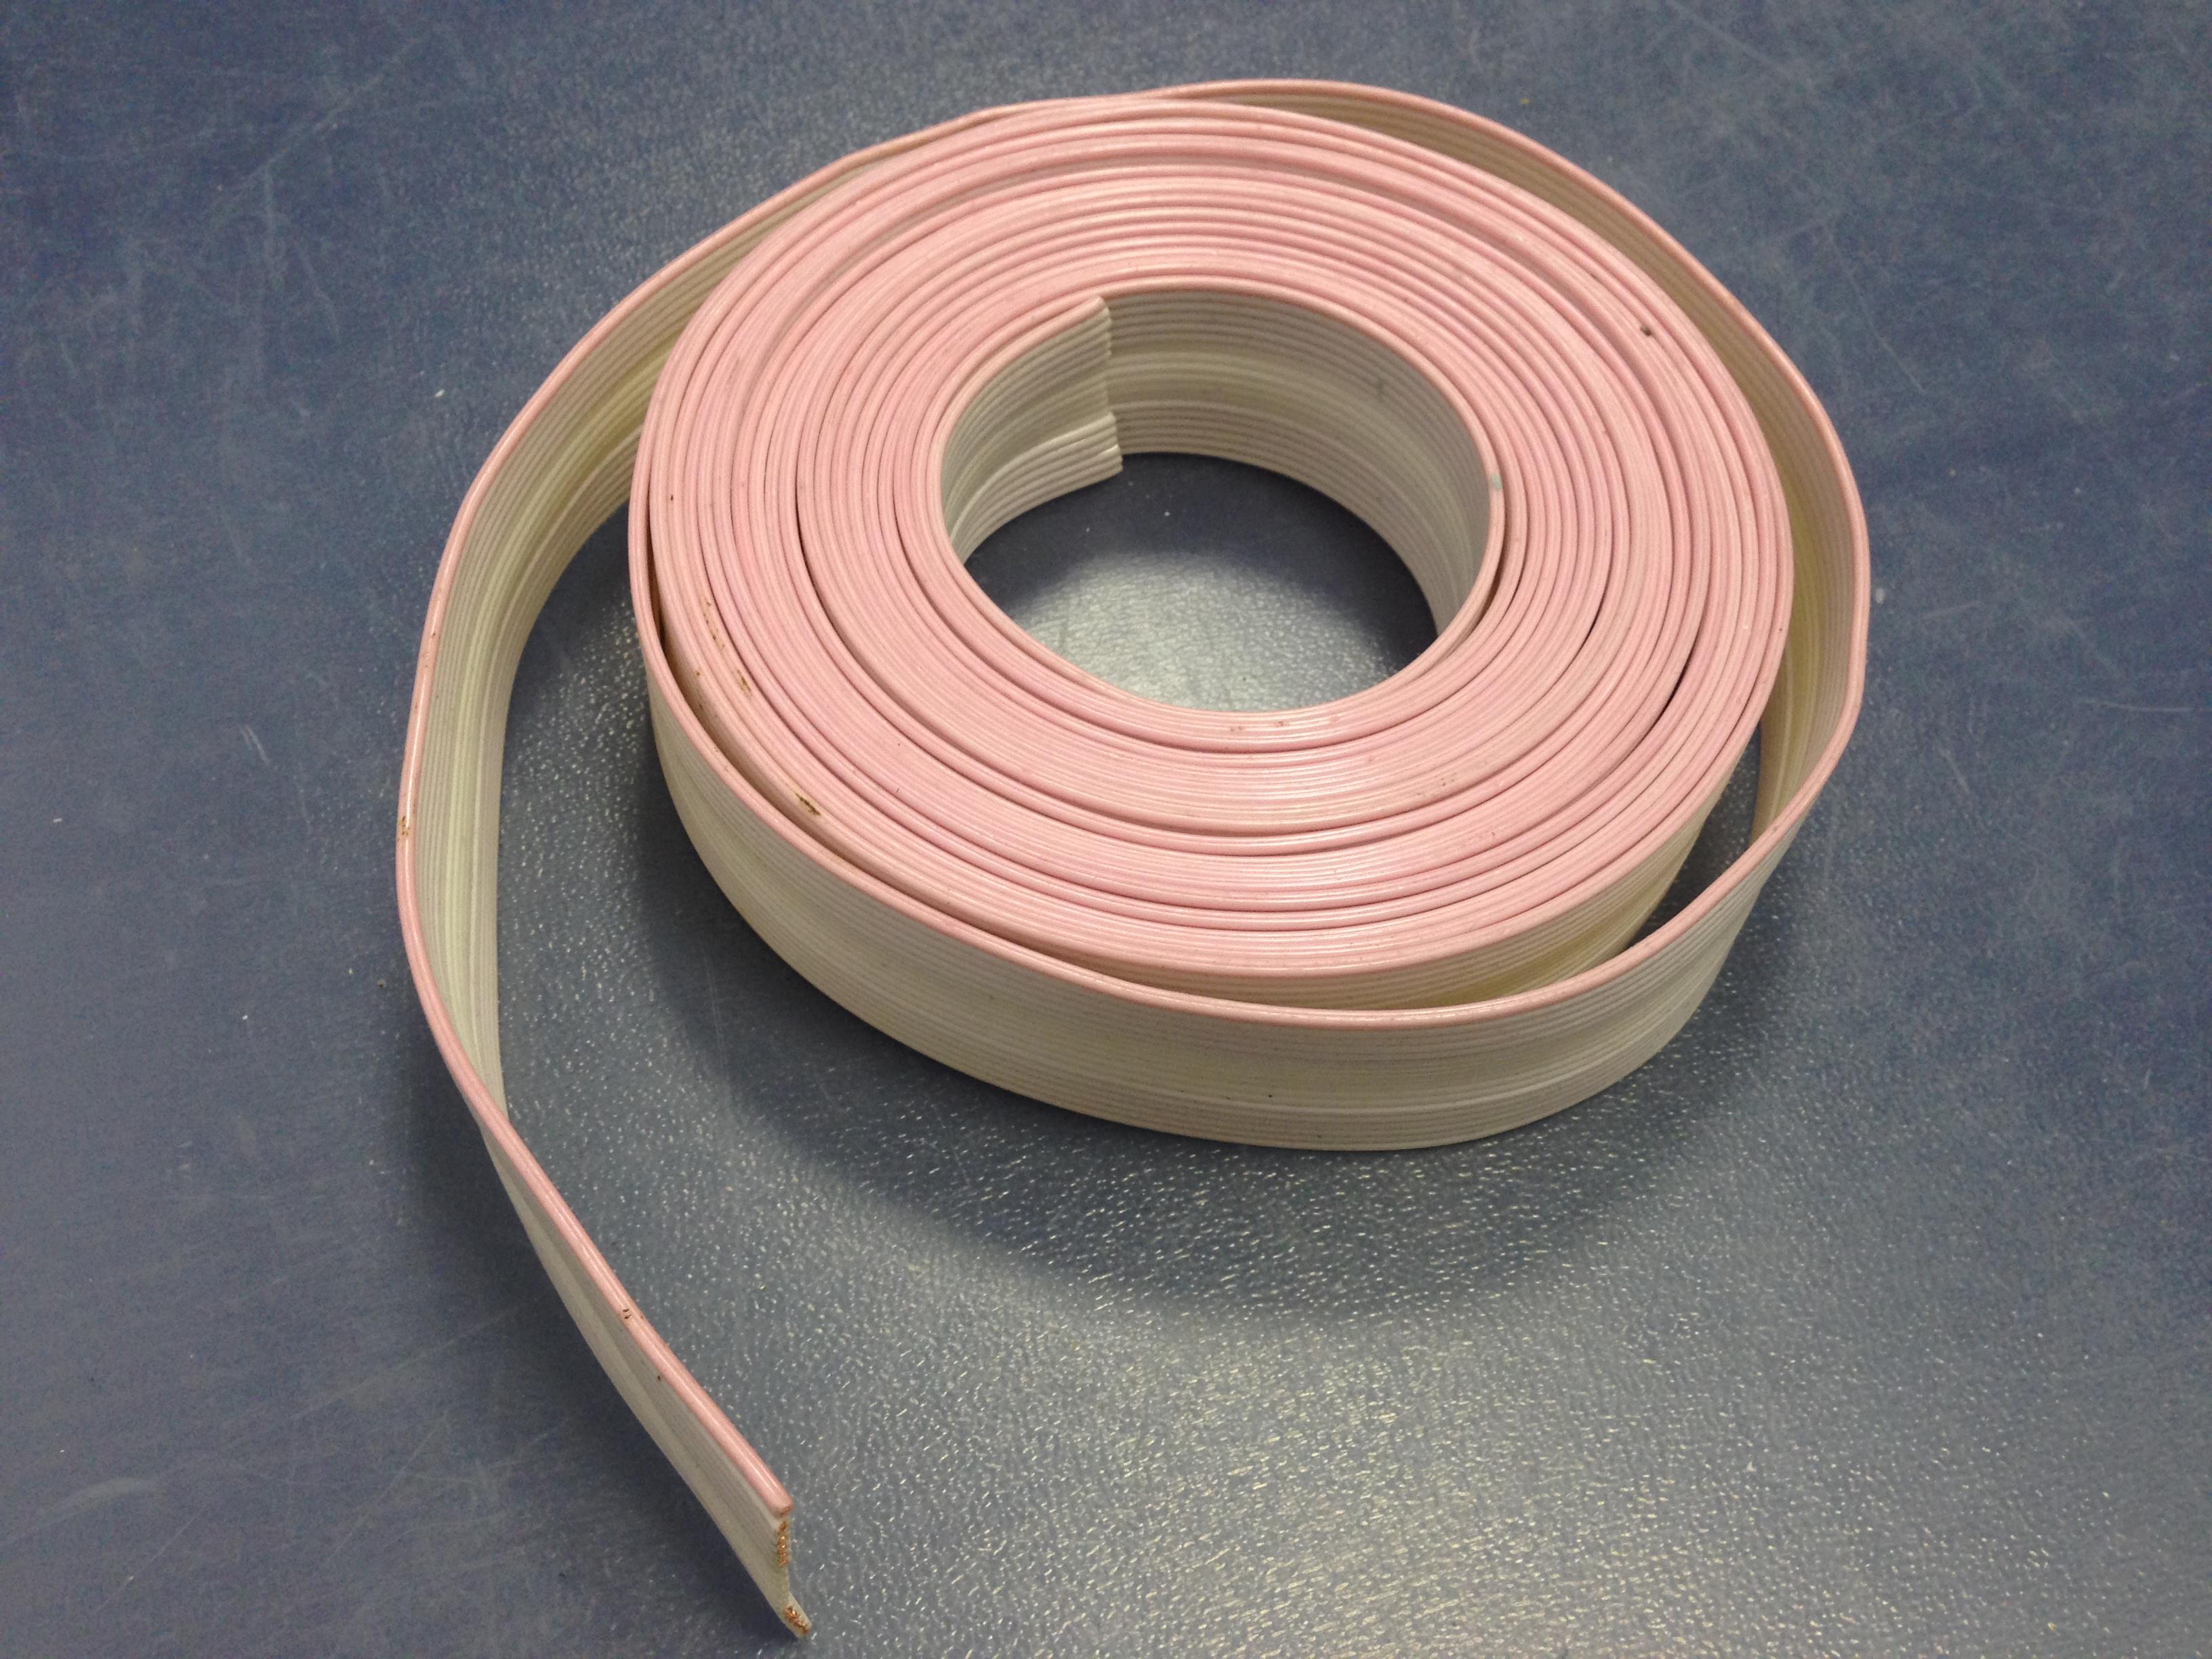 Шлейф 12 проводников шаг 1.0 мм медь 8-10 метров - купить в интернет магазине с доставкой, цены, описание, характеристики, отзывы